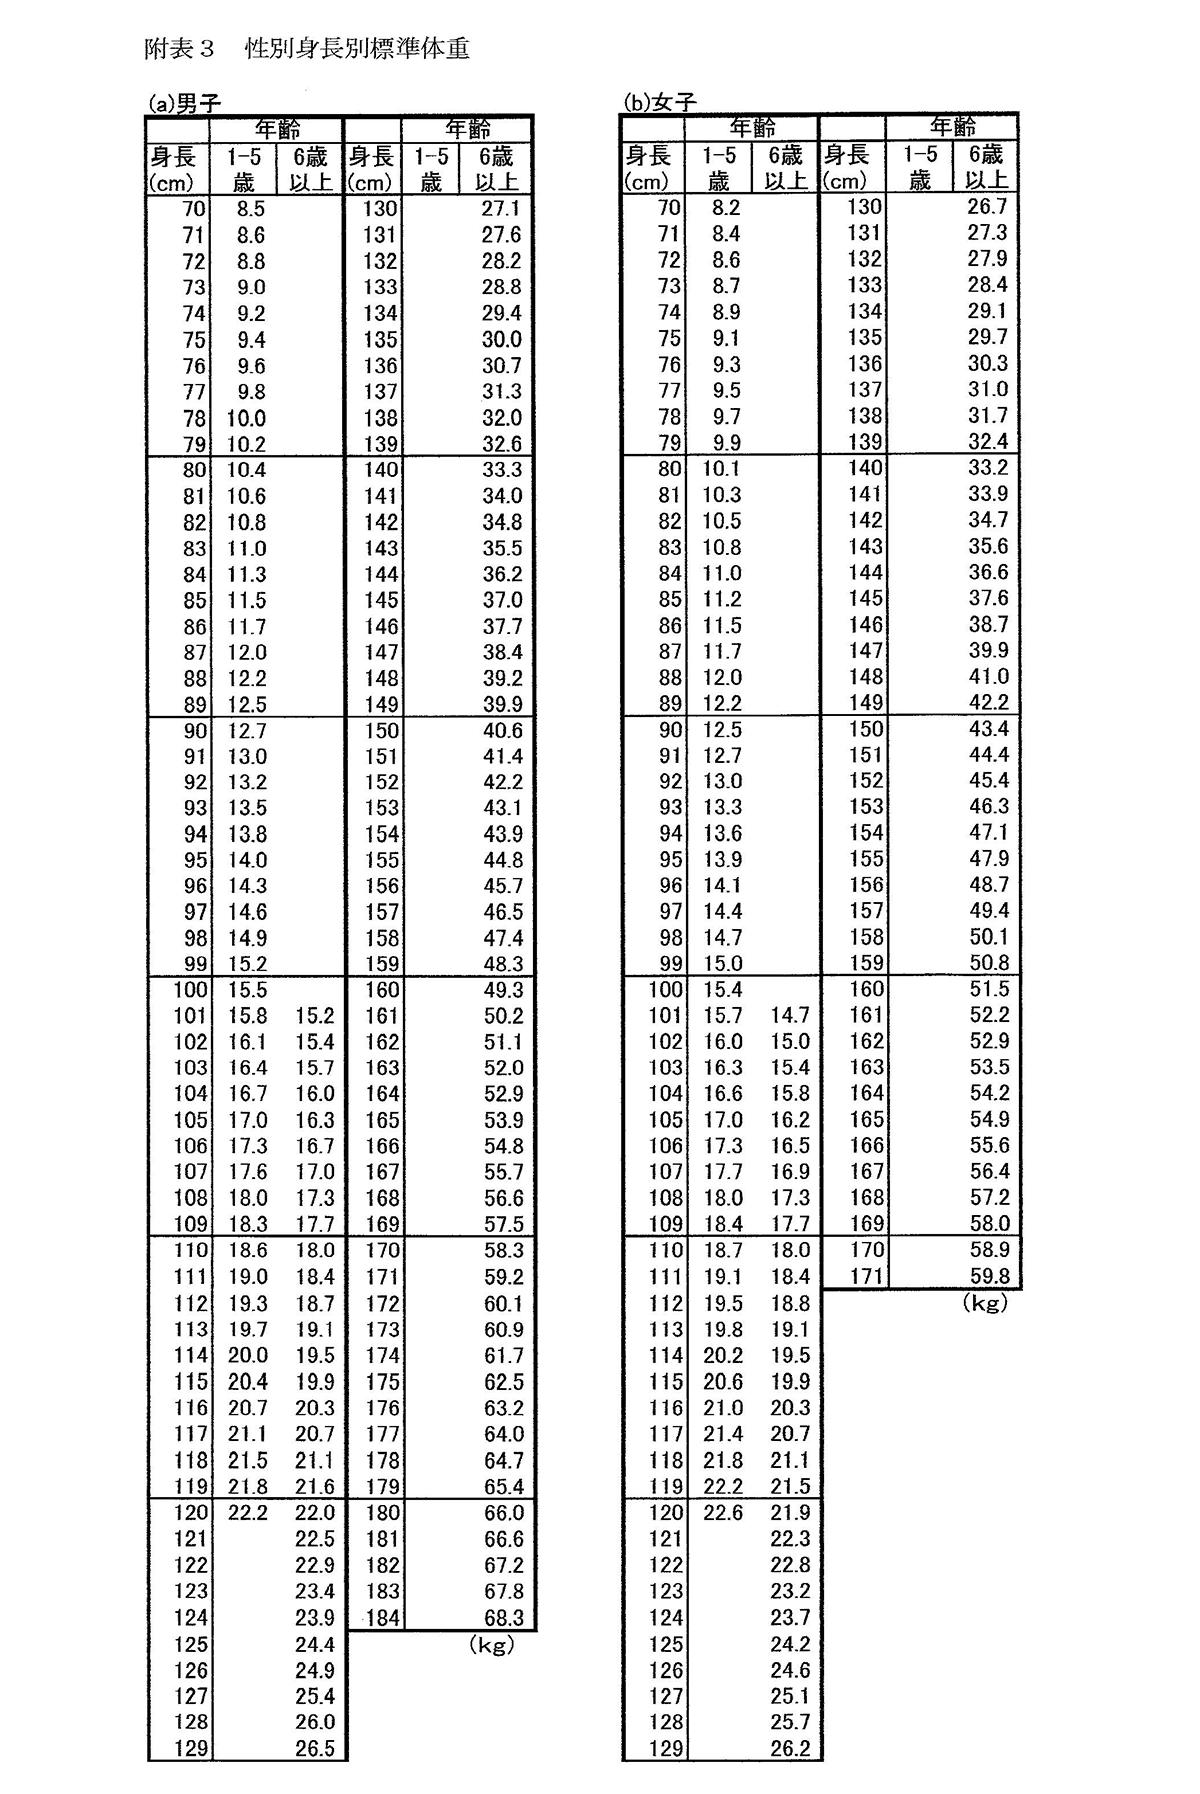 2000年日本人小児の体格 標準値 | 日本成長学会